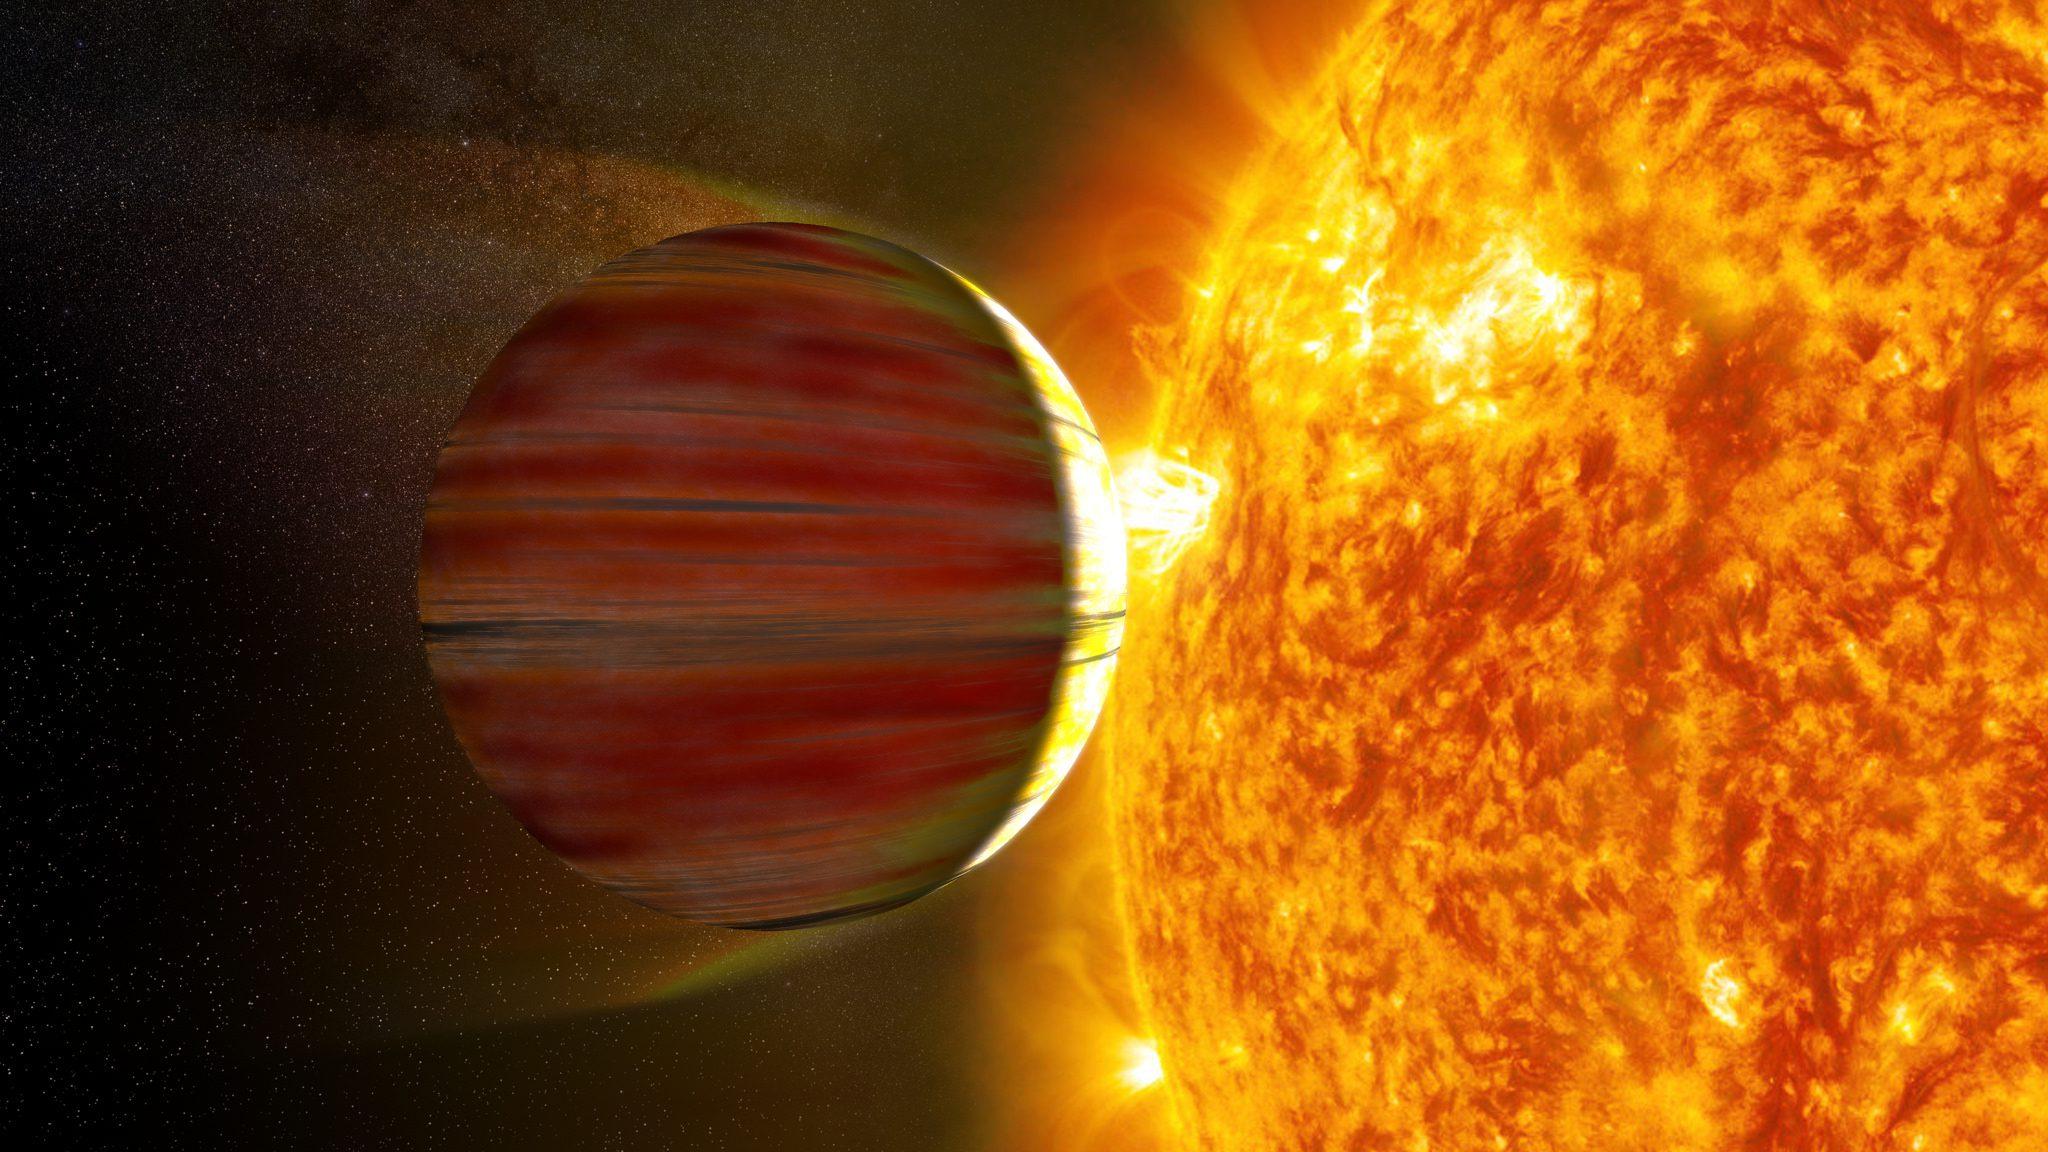 Αέριος γίγαντας πολύ κοντά στο άστρο του